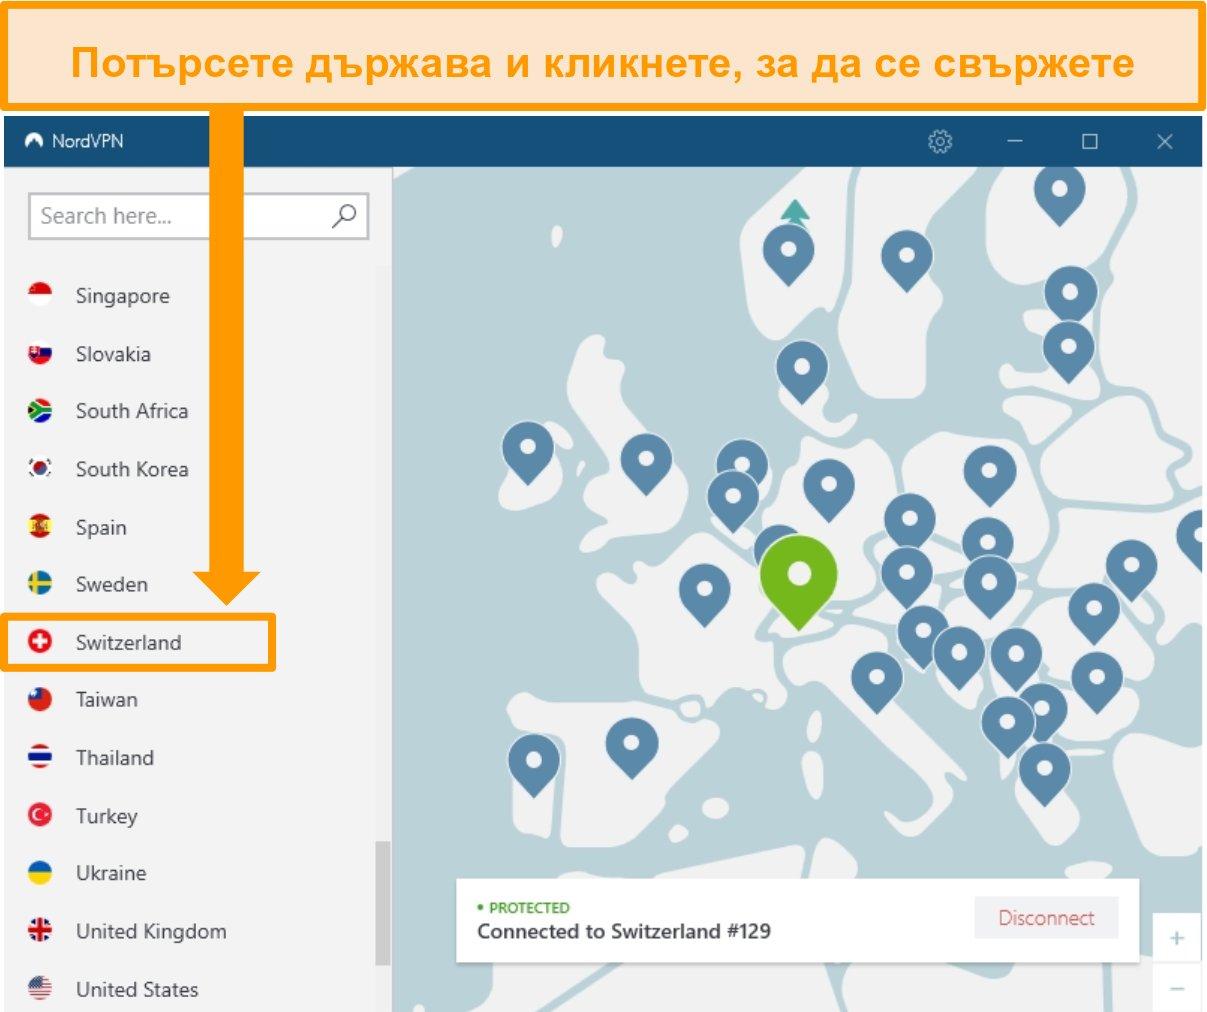 Екранна снимка на приложението NordVPN Windows, свързано със сървър в Швейцария